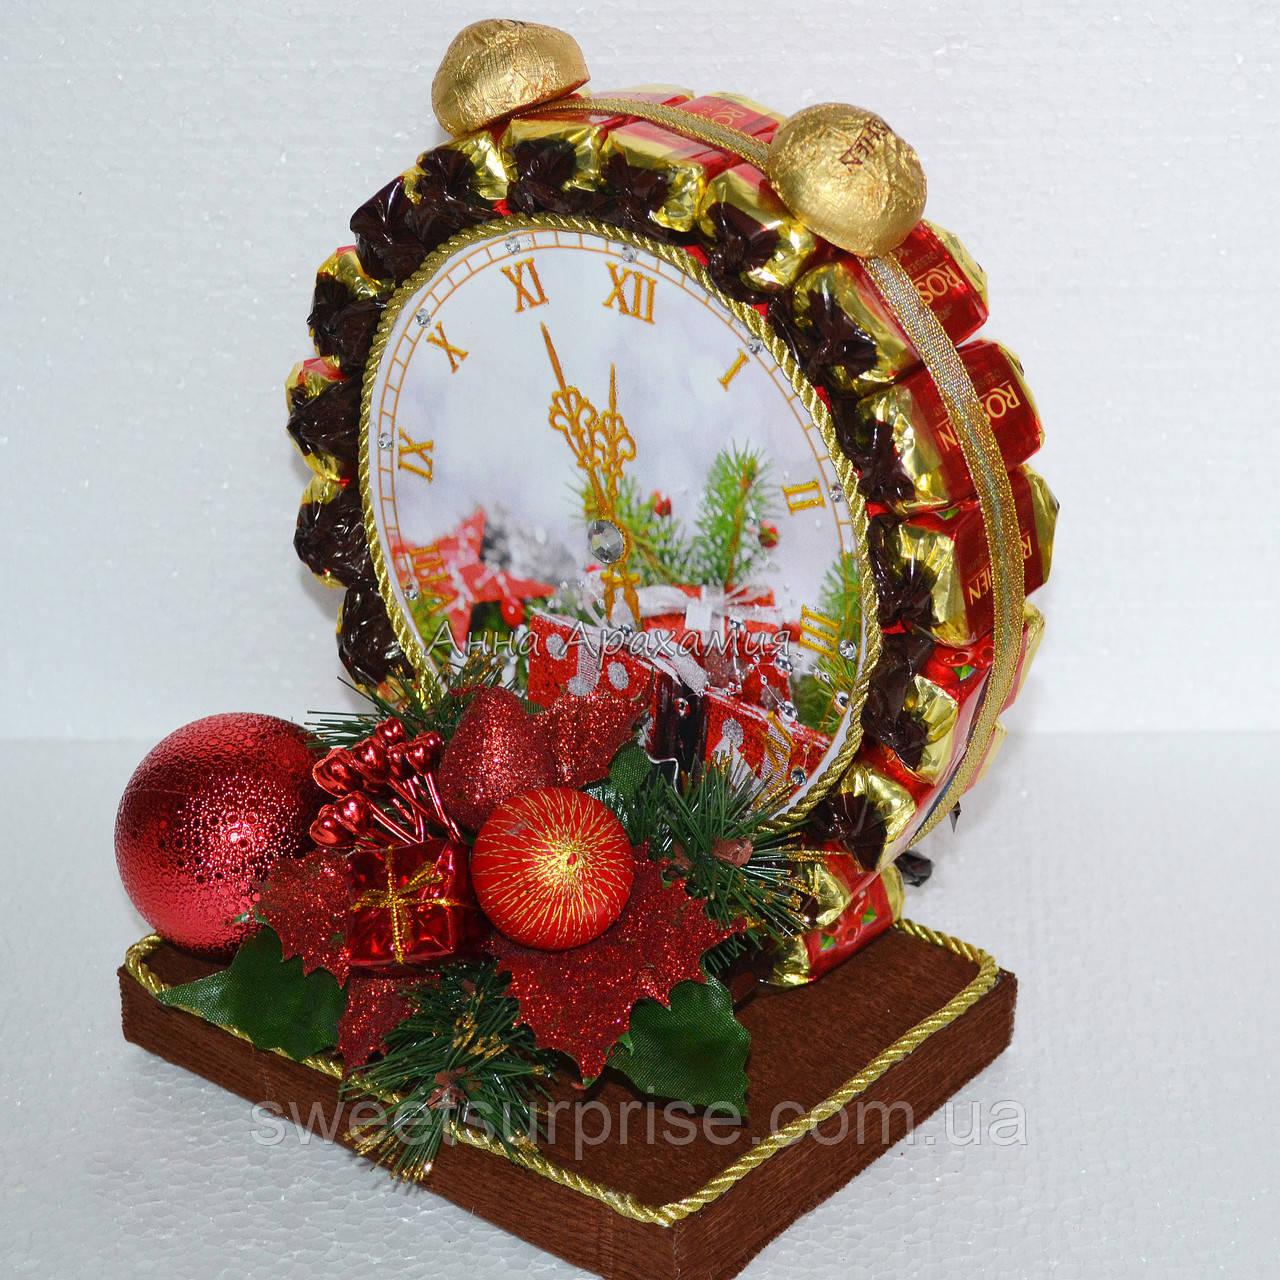 """Новогодняя композиция """"Часы из конфет"""""""